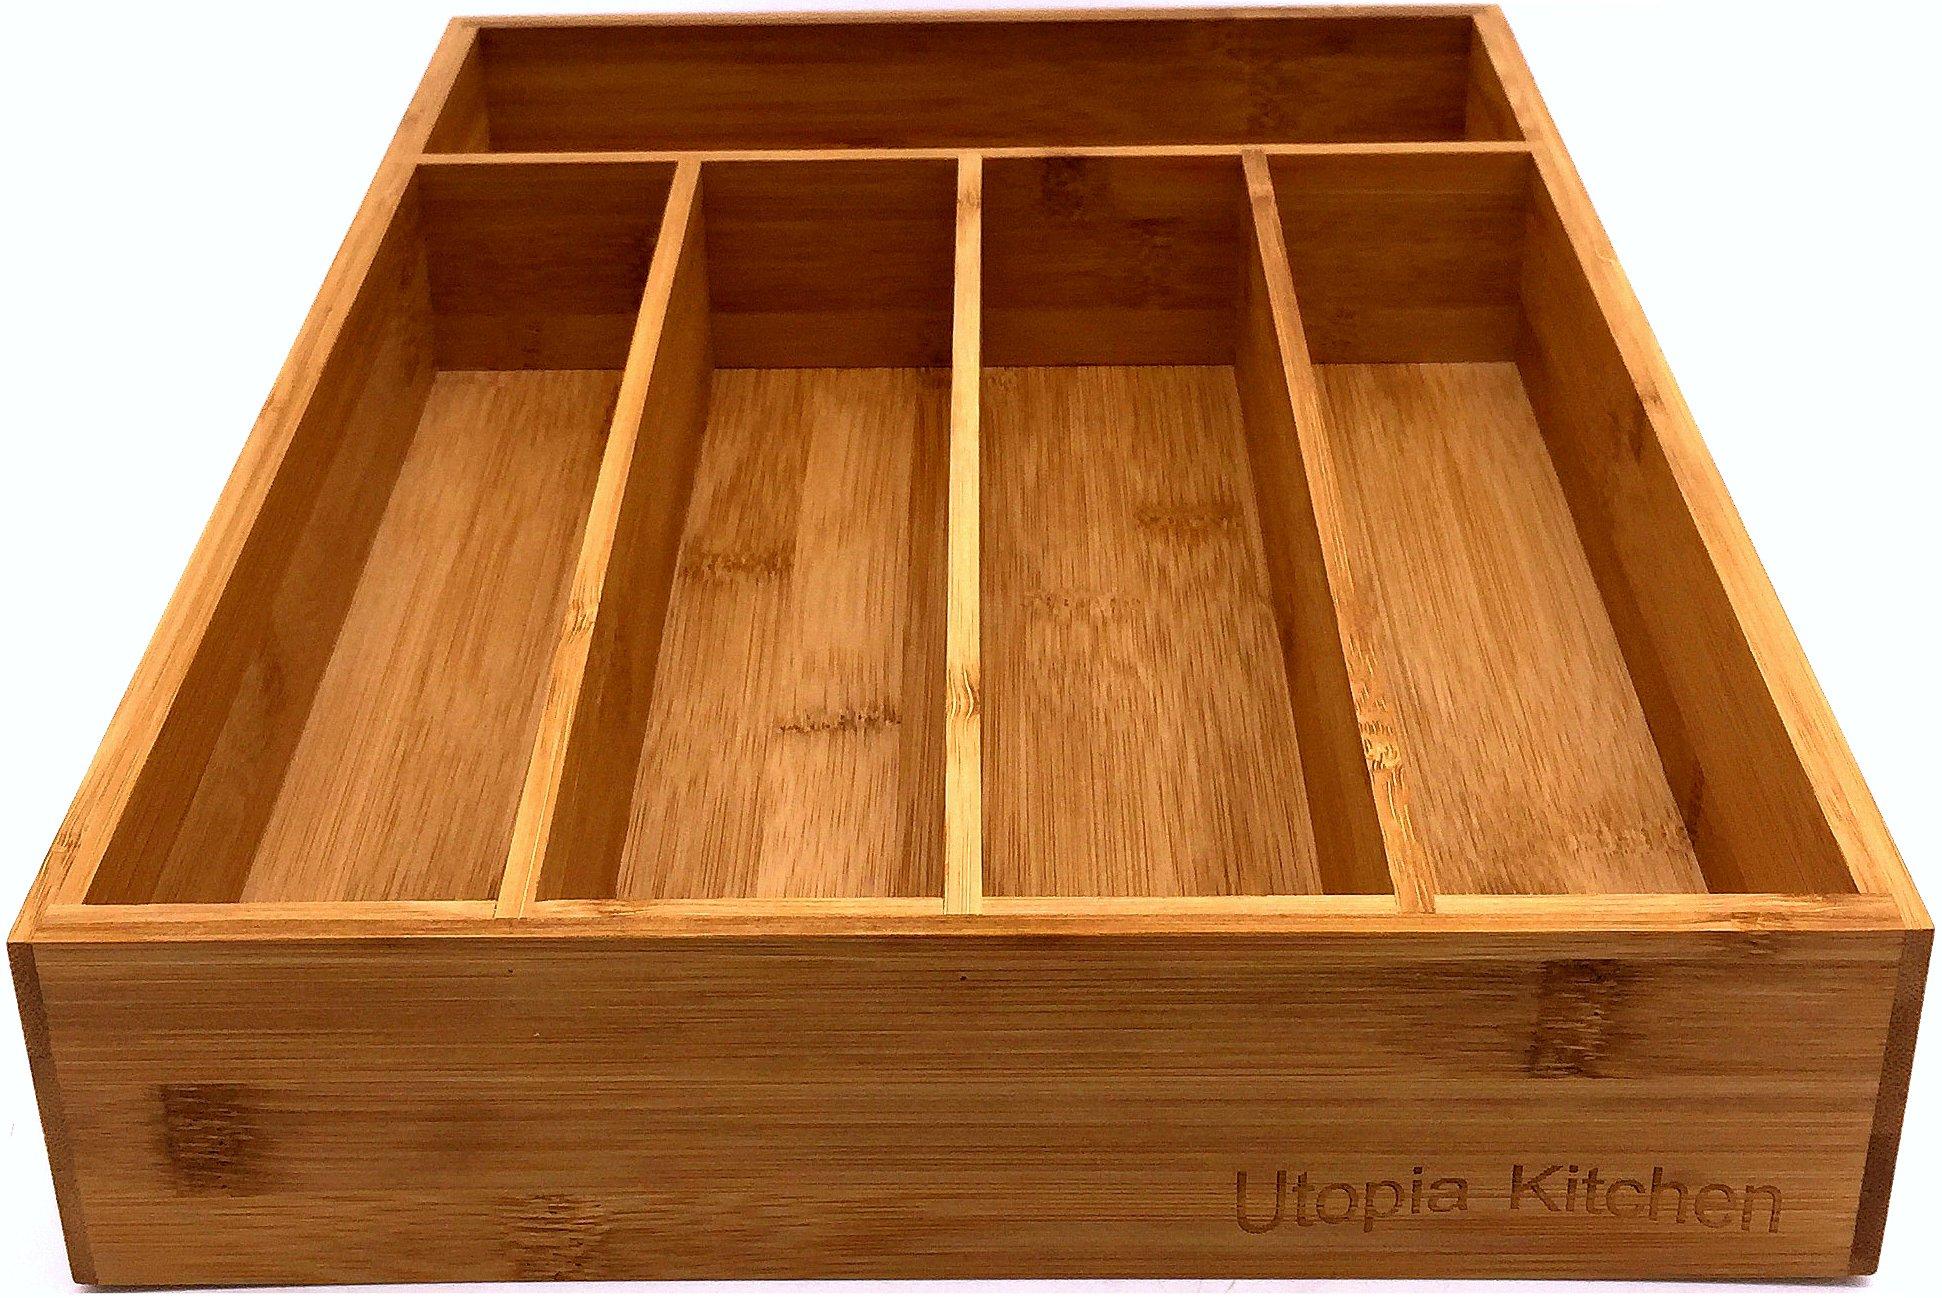 Utopia Kitchen Bamboo Kitchen Tray Organizer - Bamboo Drawer Organizer - Silverware Tray - Bamboo Hardware Organizer - 5 Compartments by Utopia Kitchen (Image #2)